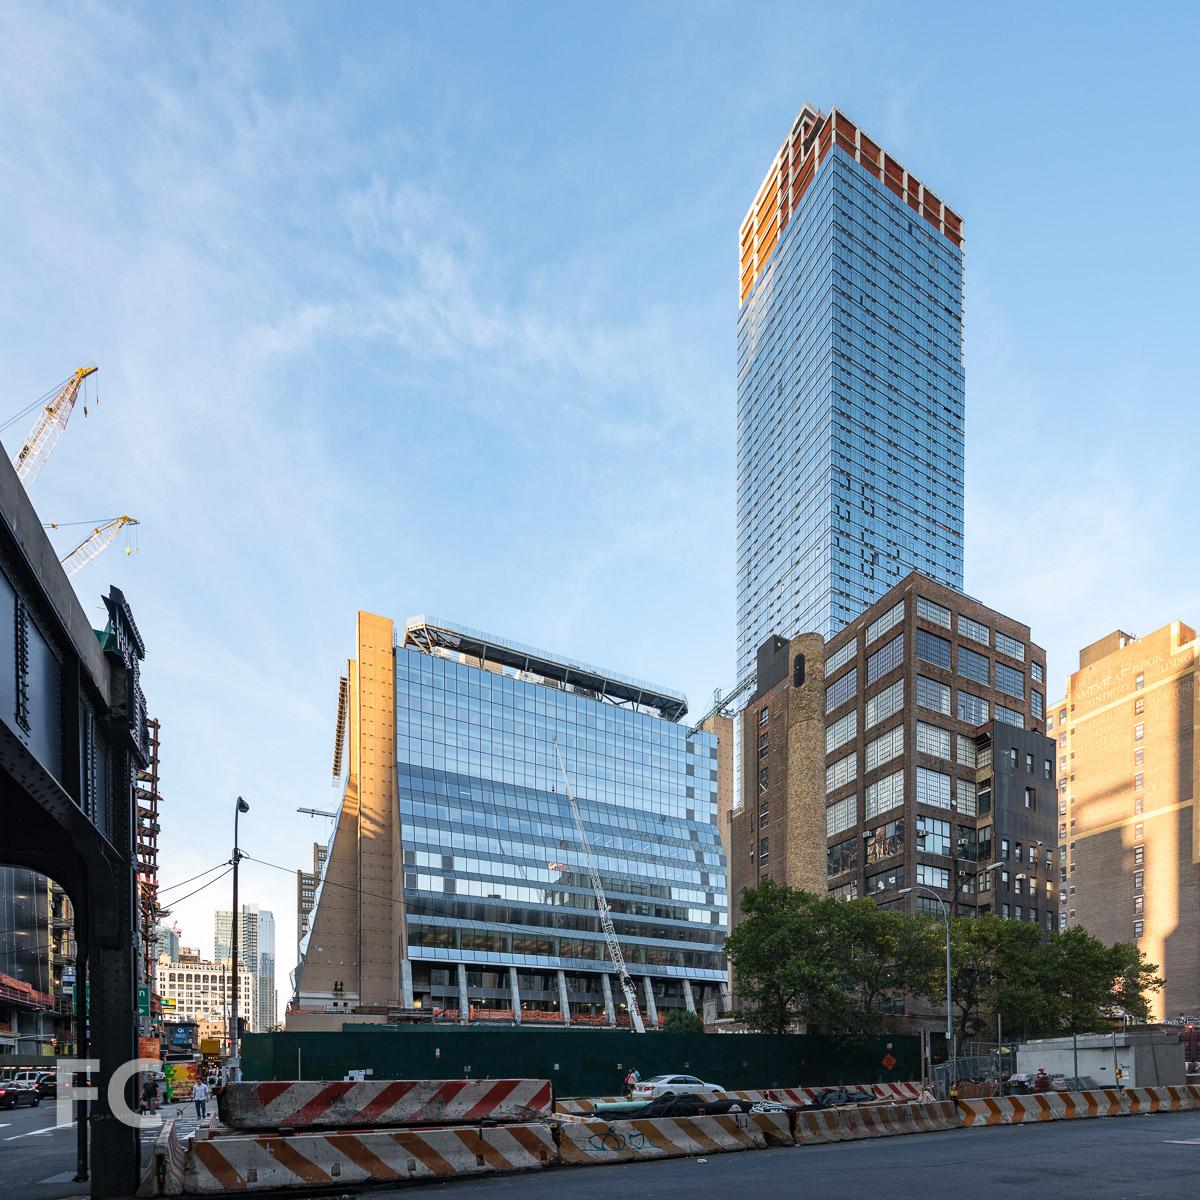 The south façade of 5 Manhattan West and